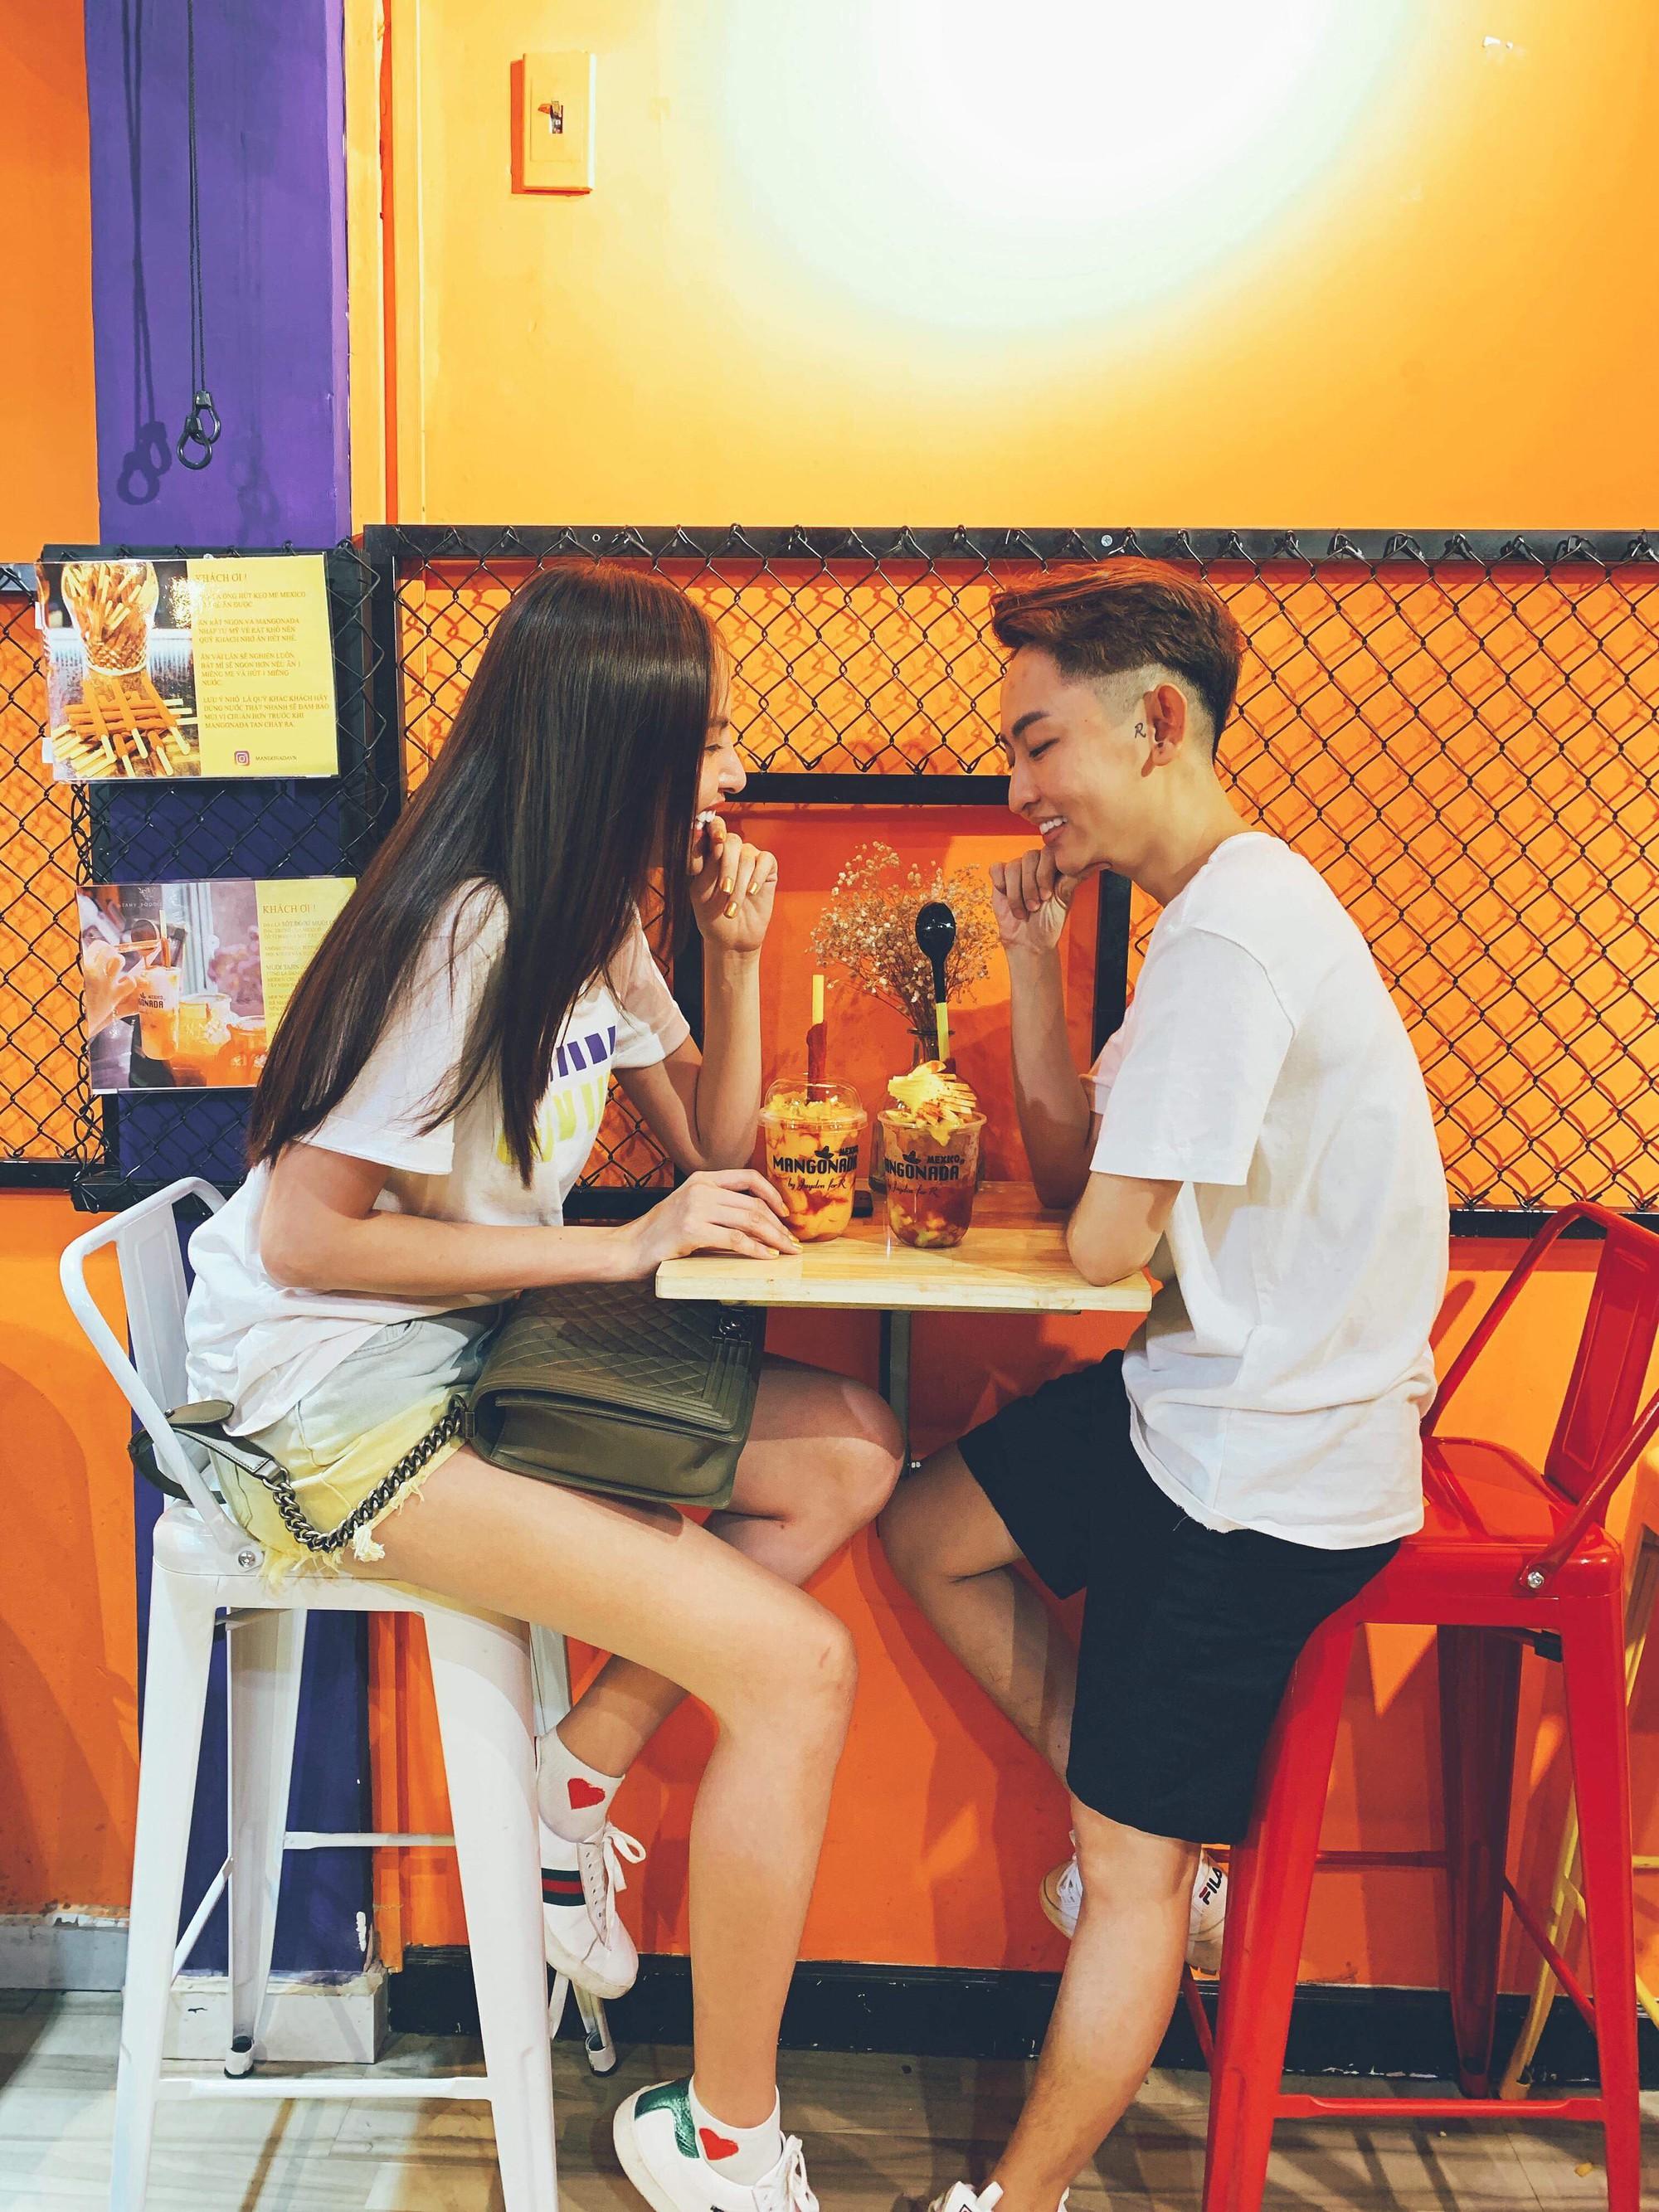 Những hình ảnh được rò rỉ khiến dân mạng đồn đoán Hoa hậu Diễm Hương đang trong một mối quan hệ tình cảm đồng tính nữ.-5